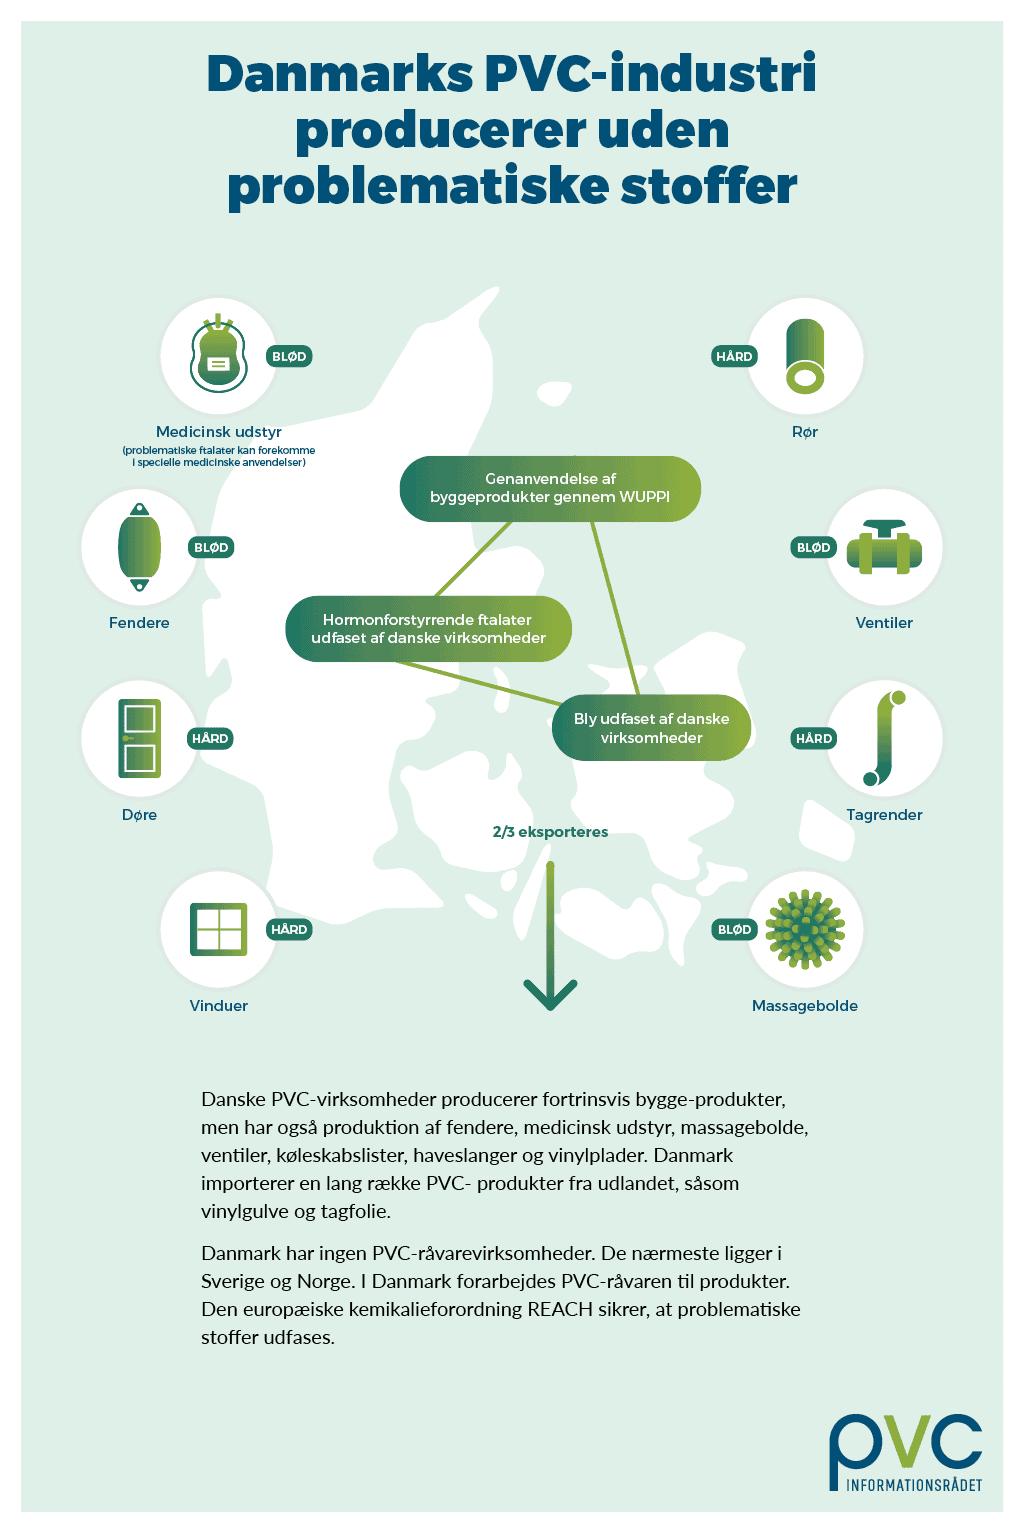 Danmarks PVC-industri producerer uden problematiske stoffer